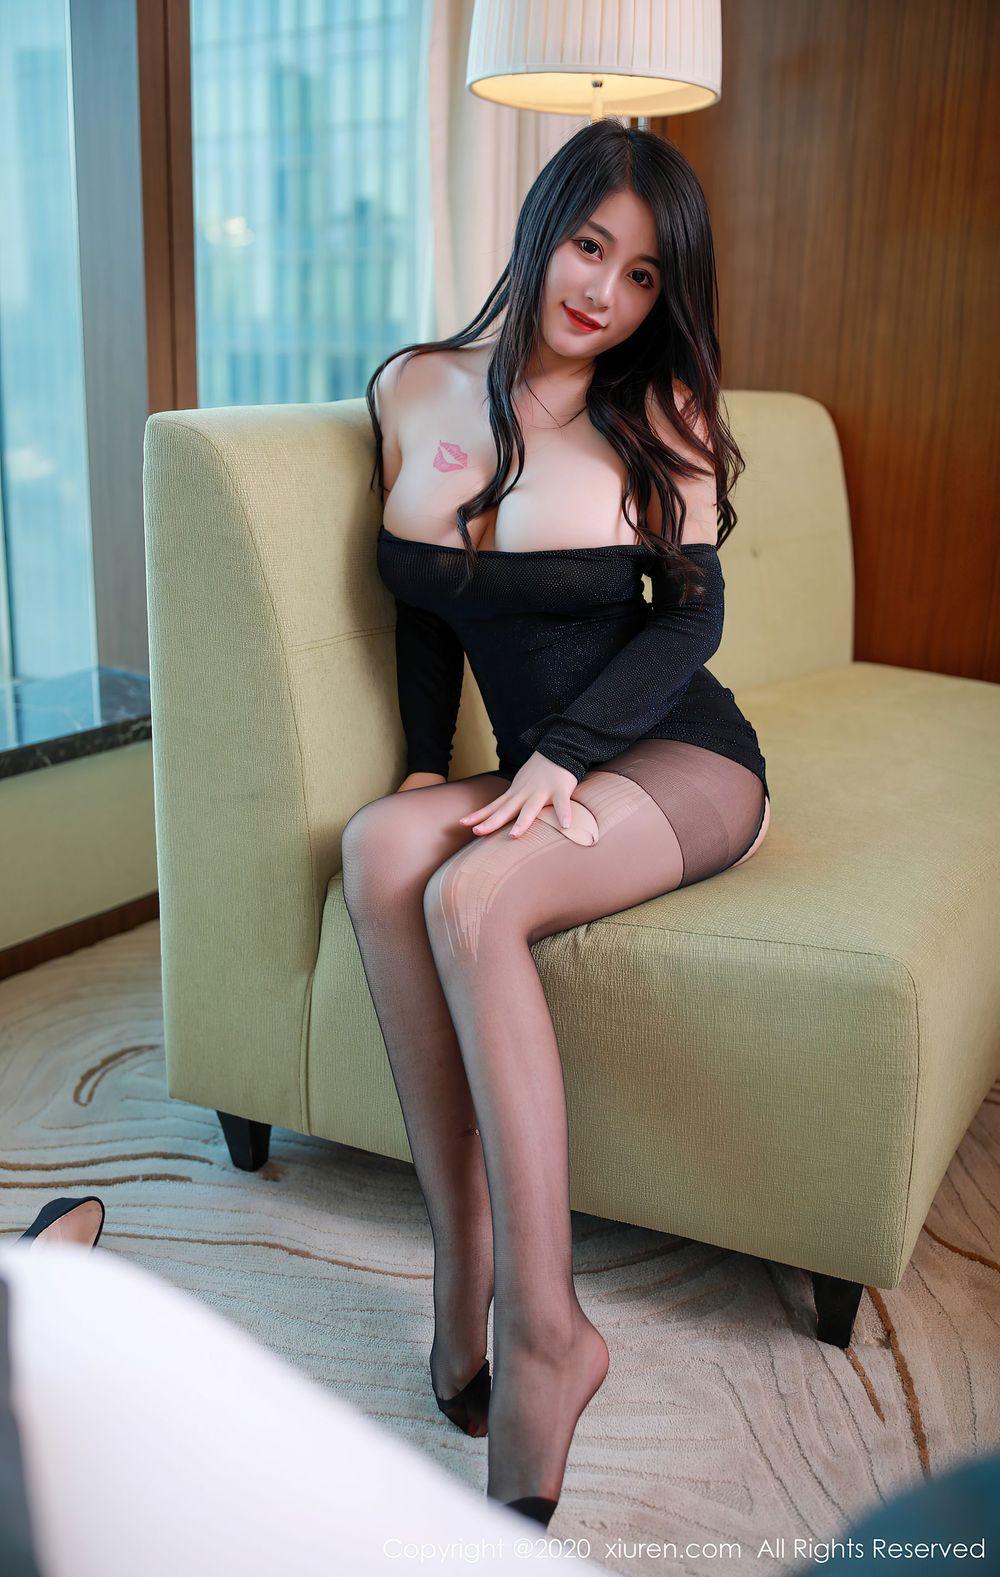 童颜巨乳血滴子黑丝美腿内衣诱惑美女模特秀人网-[美七Mia]超高清写真图片|1620417185更新